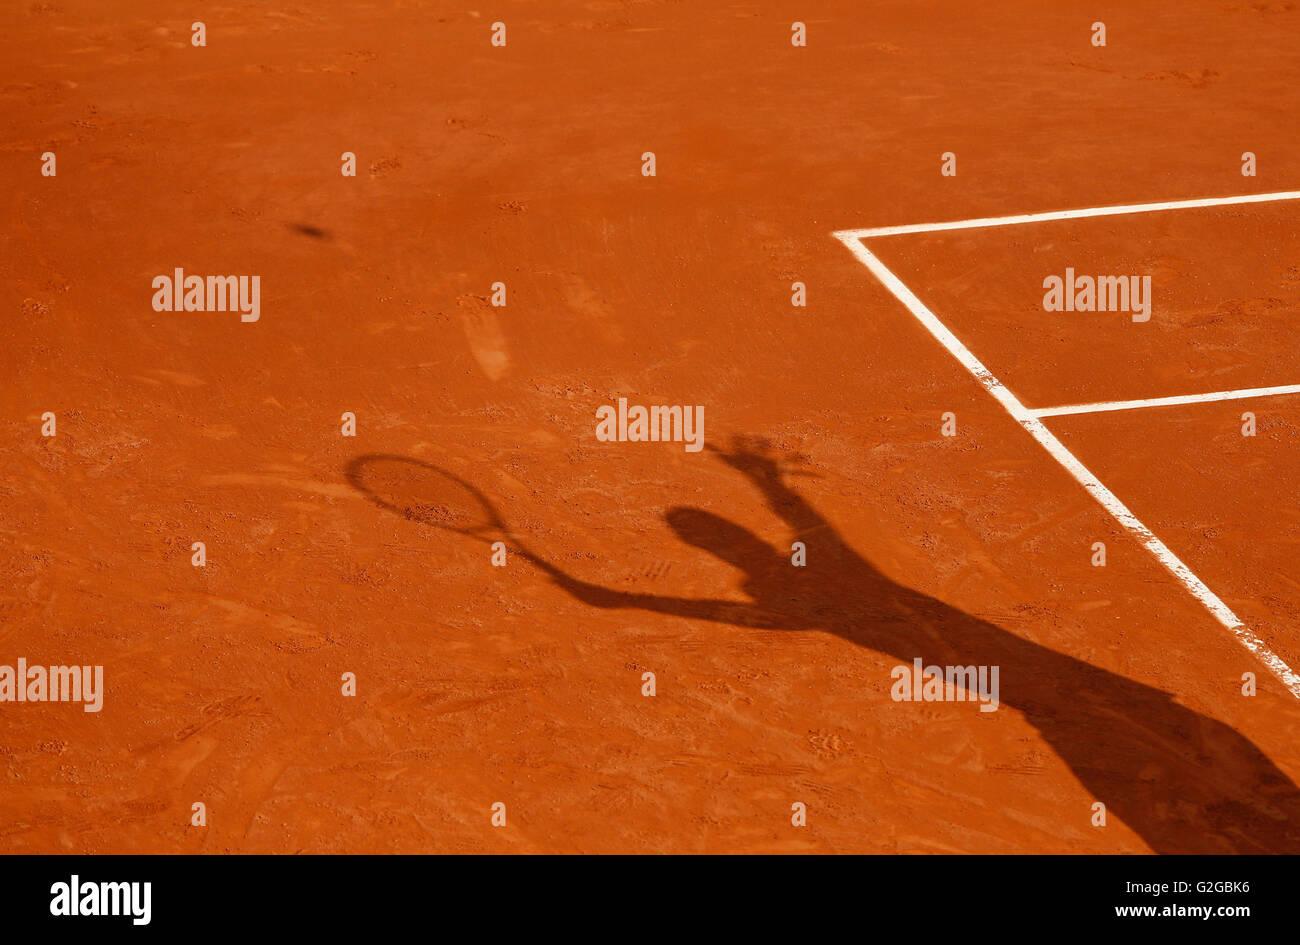 Sombra de un jugador de tenis que sirve la pelota, French Open 2013, Torneo de Tenis ITF Grand Slam, Roland Garros. Foto de stock